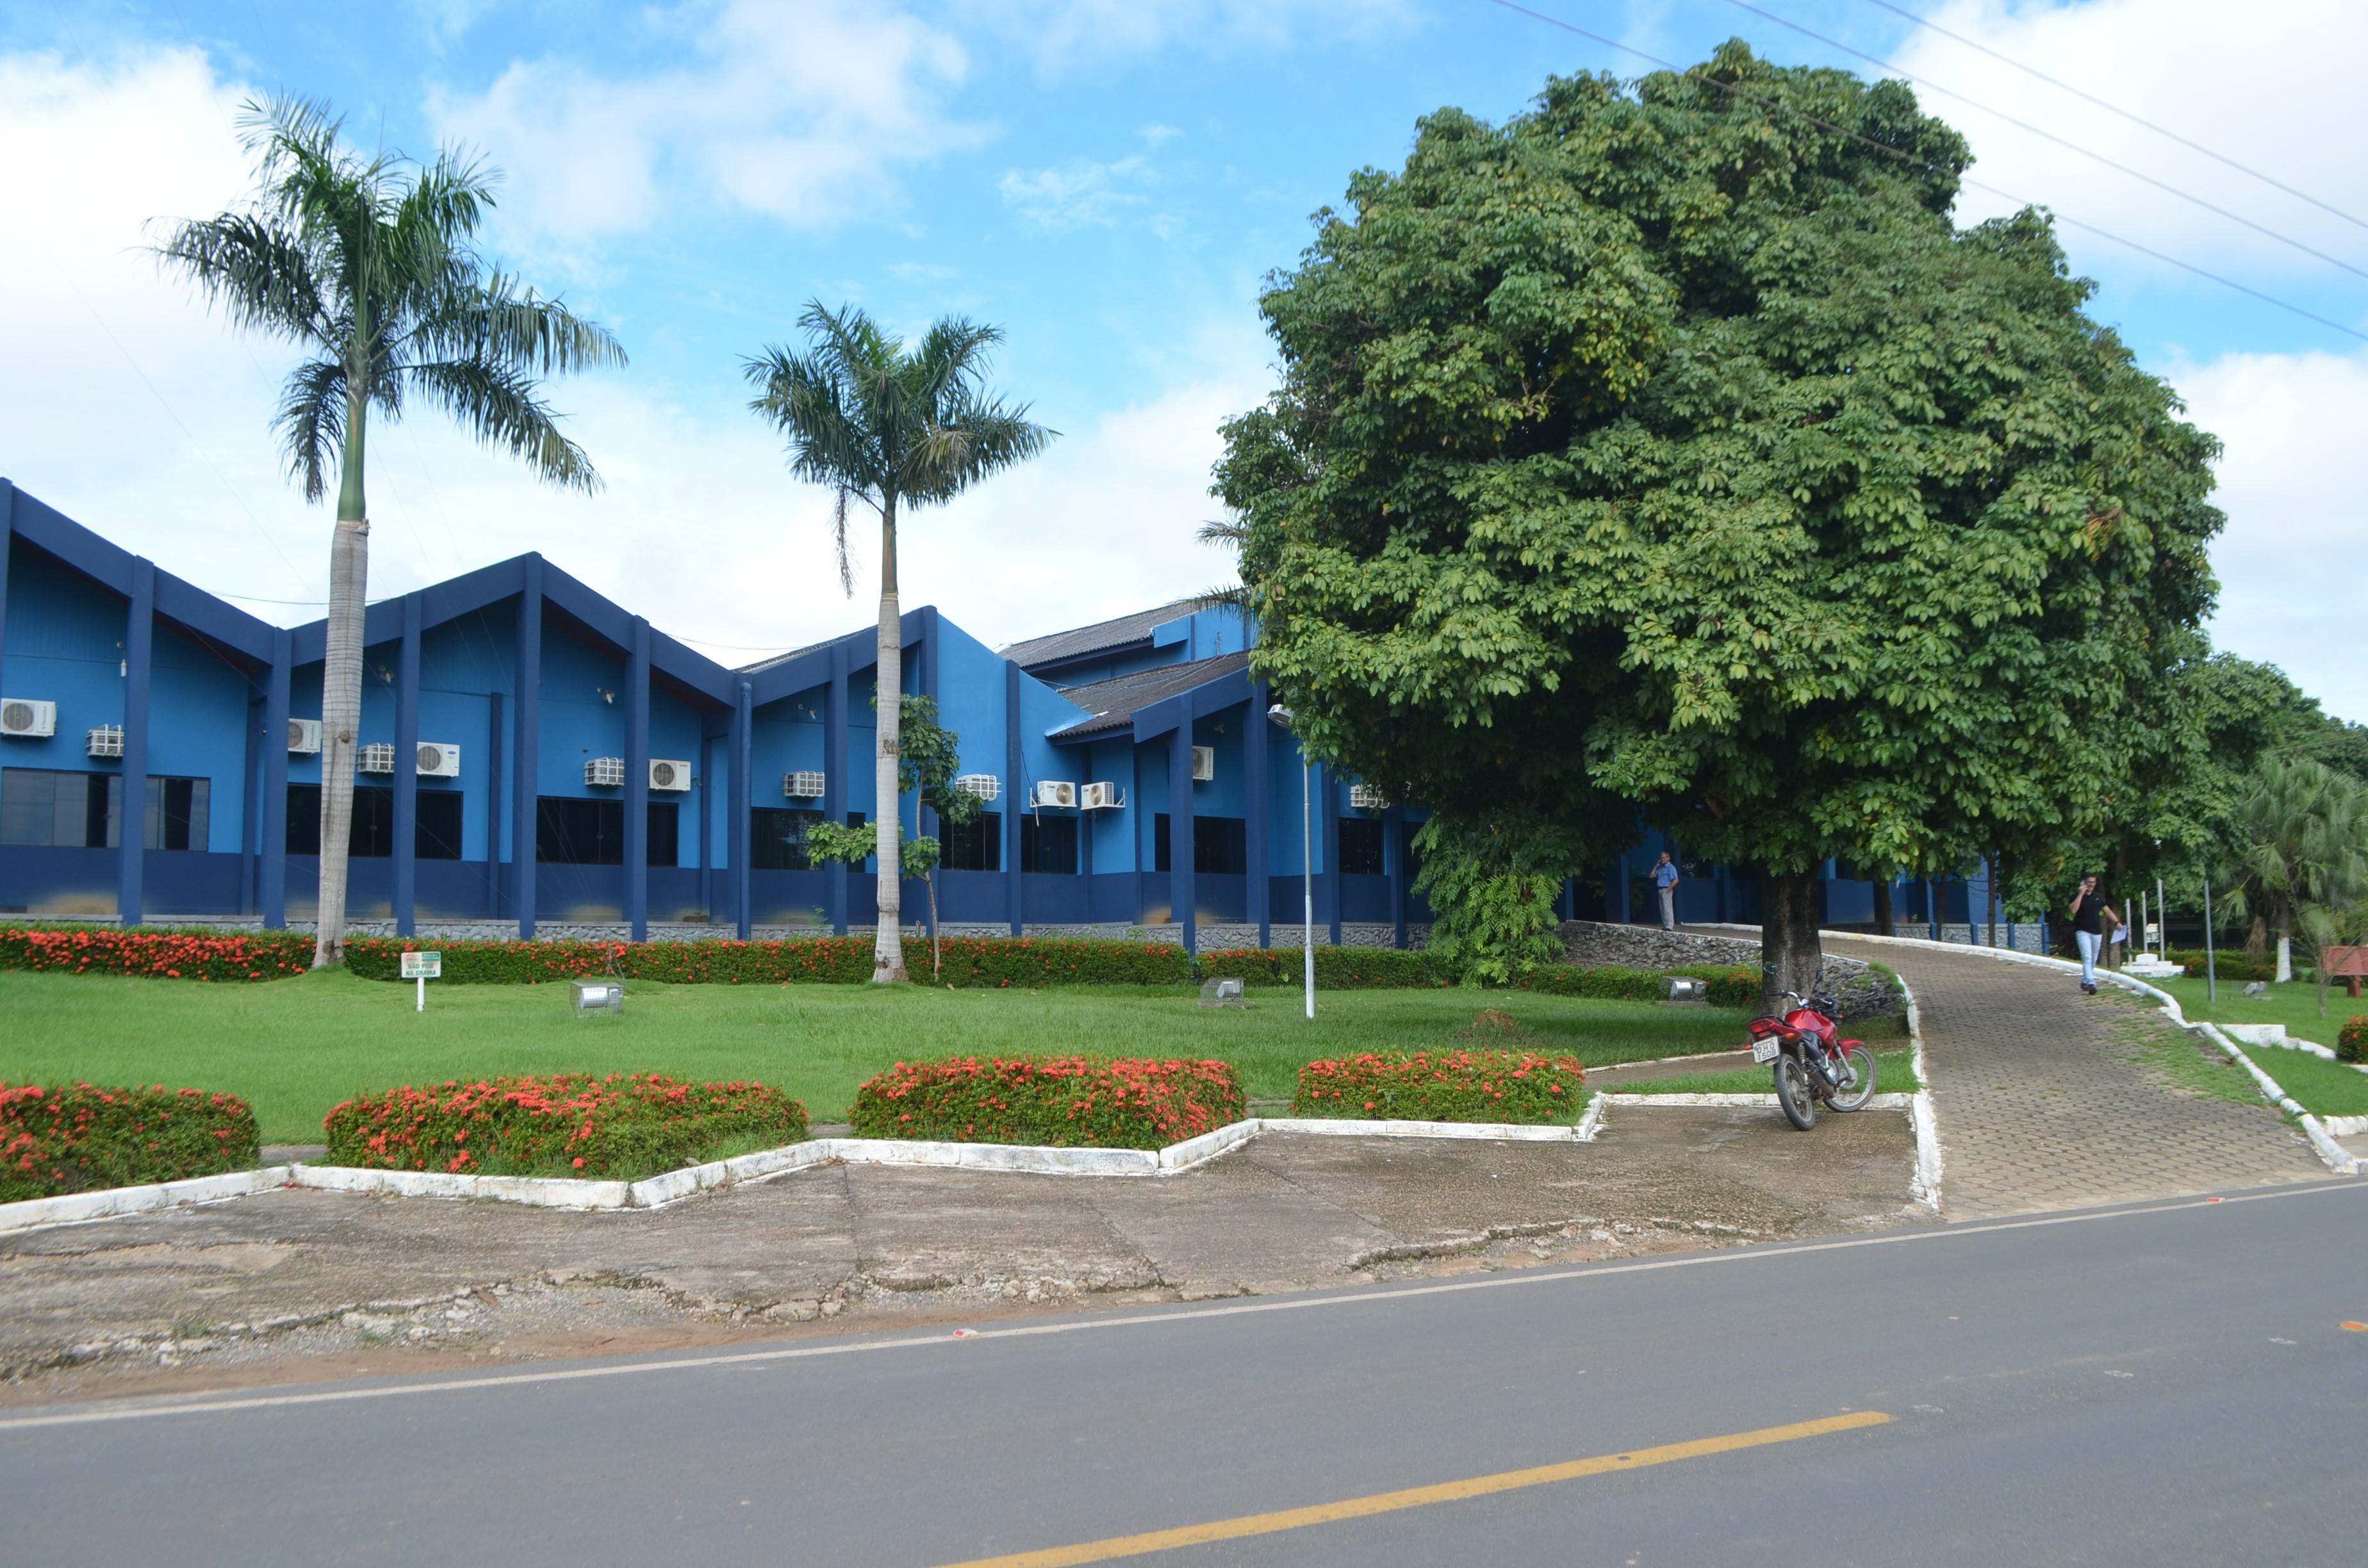 Aprovados em processo seletivo da saúde são convocados em Ji-Paraná, RO